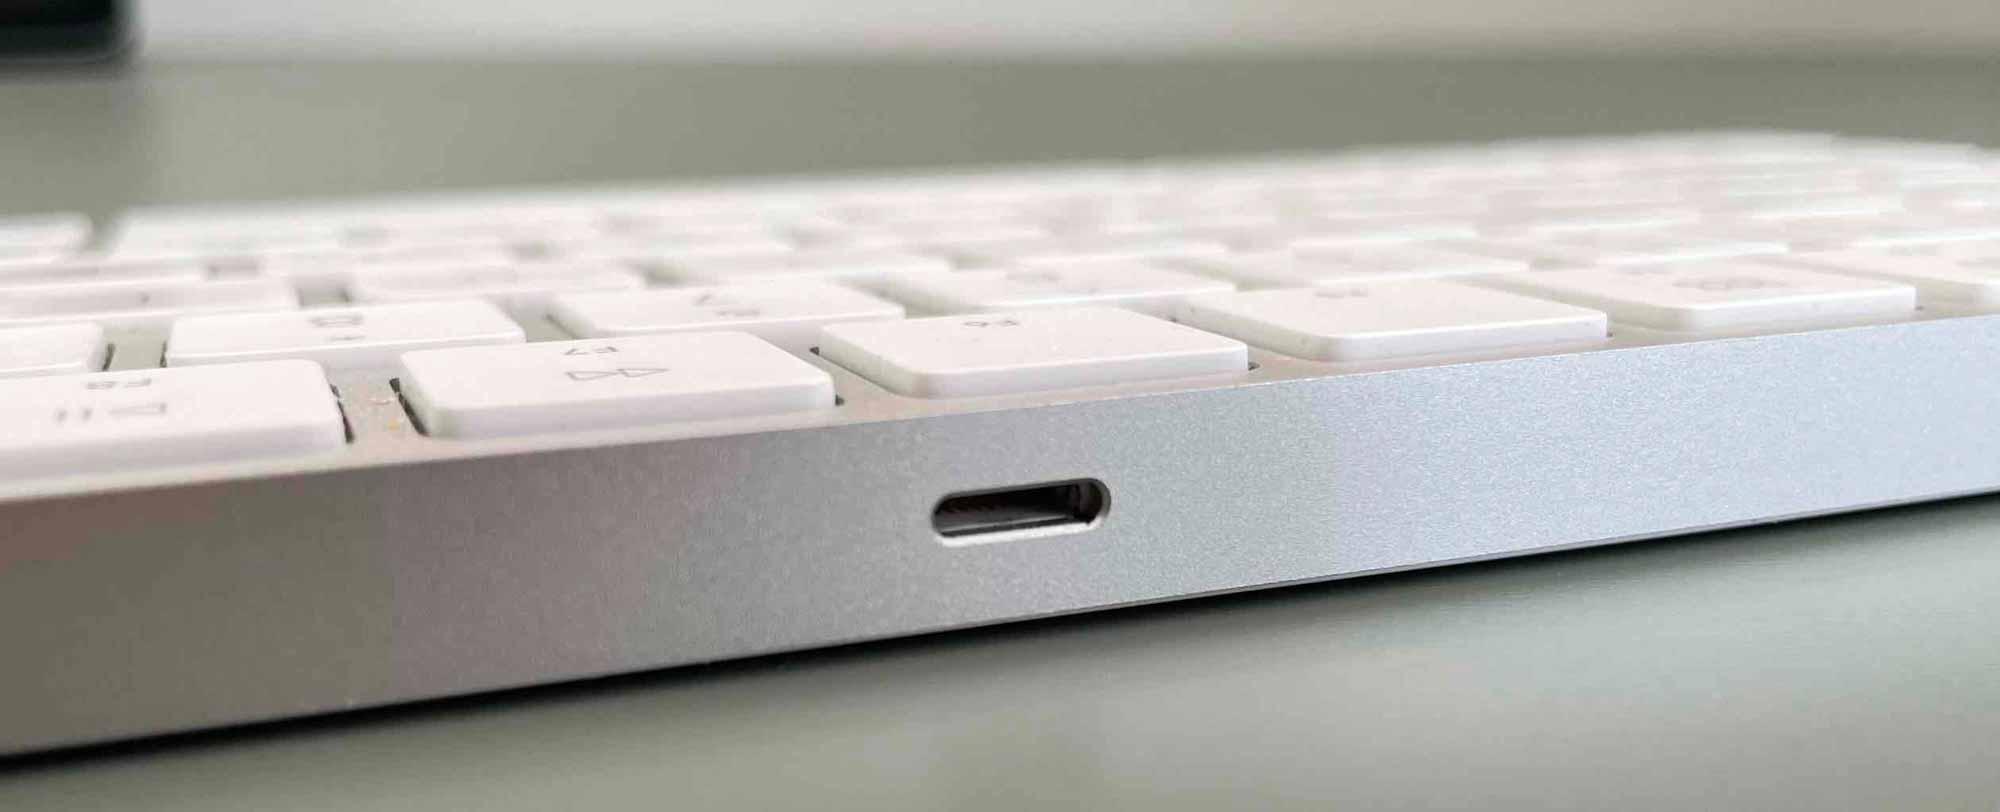 Зарядка новой клавиатуры Mac Magic Keyboard.